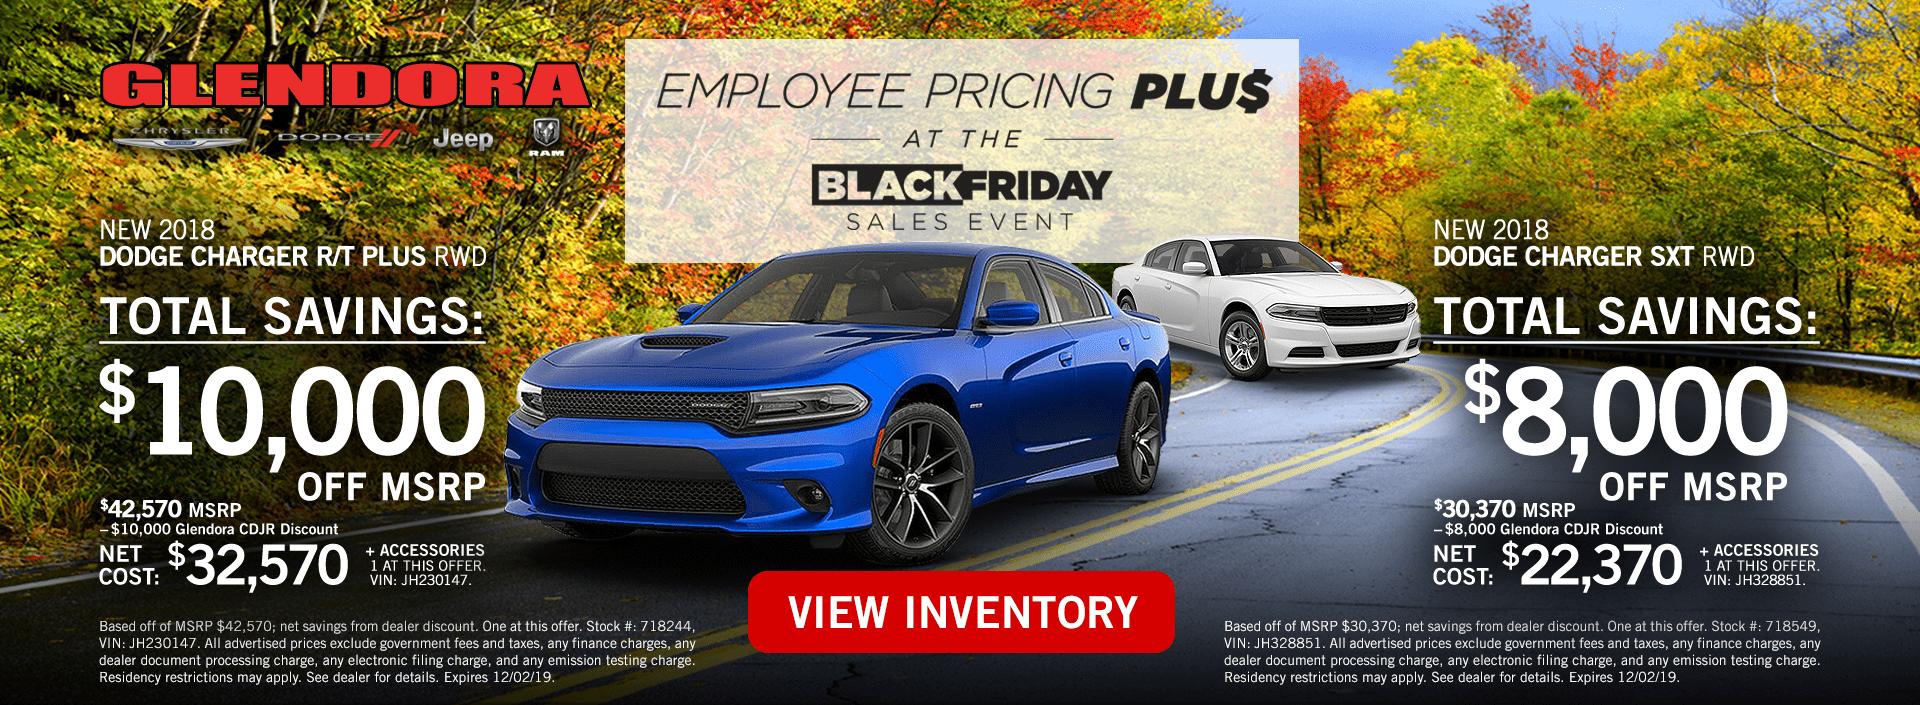 Black Friday - Dodge Charger Deals